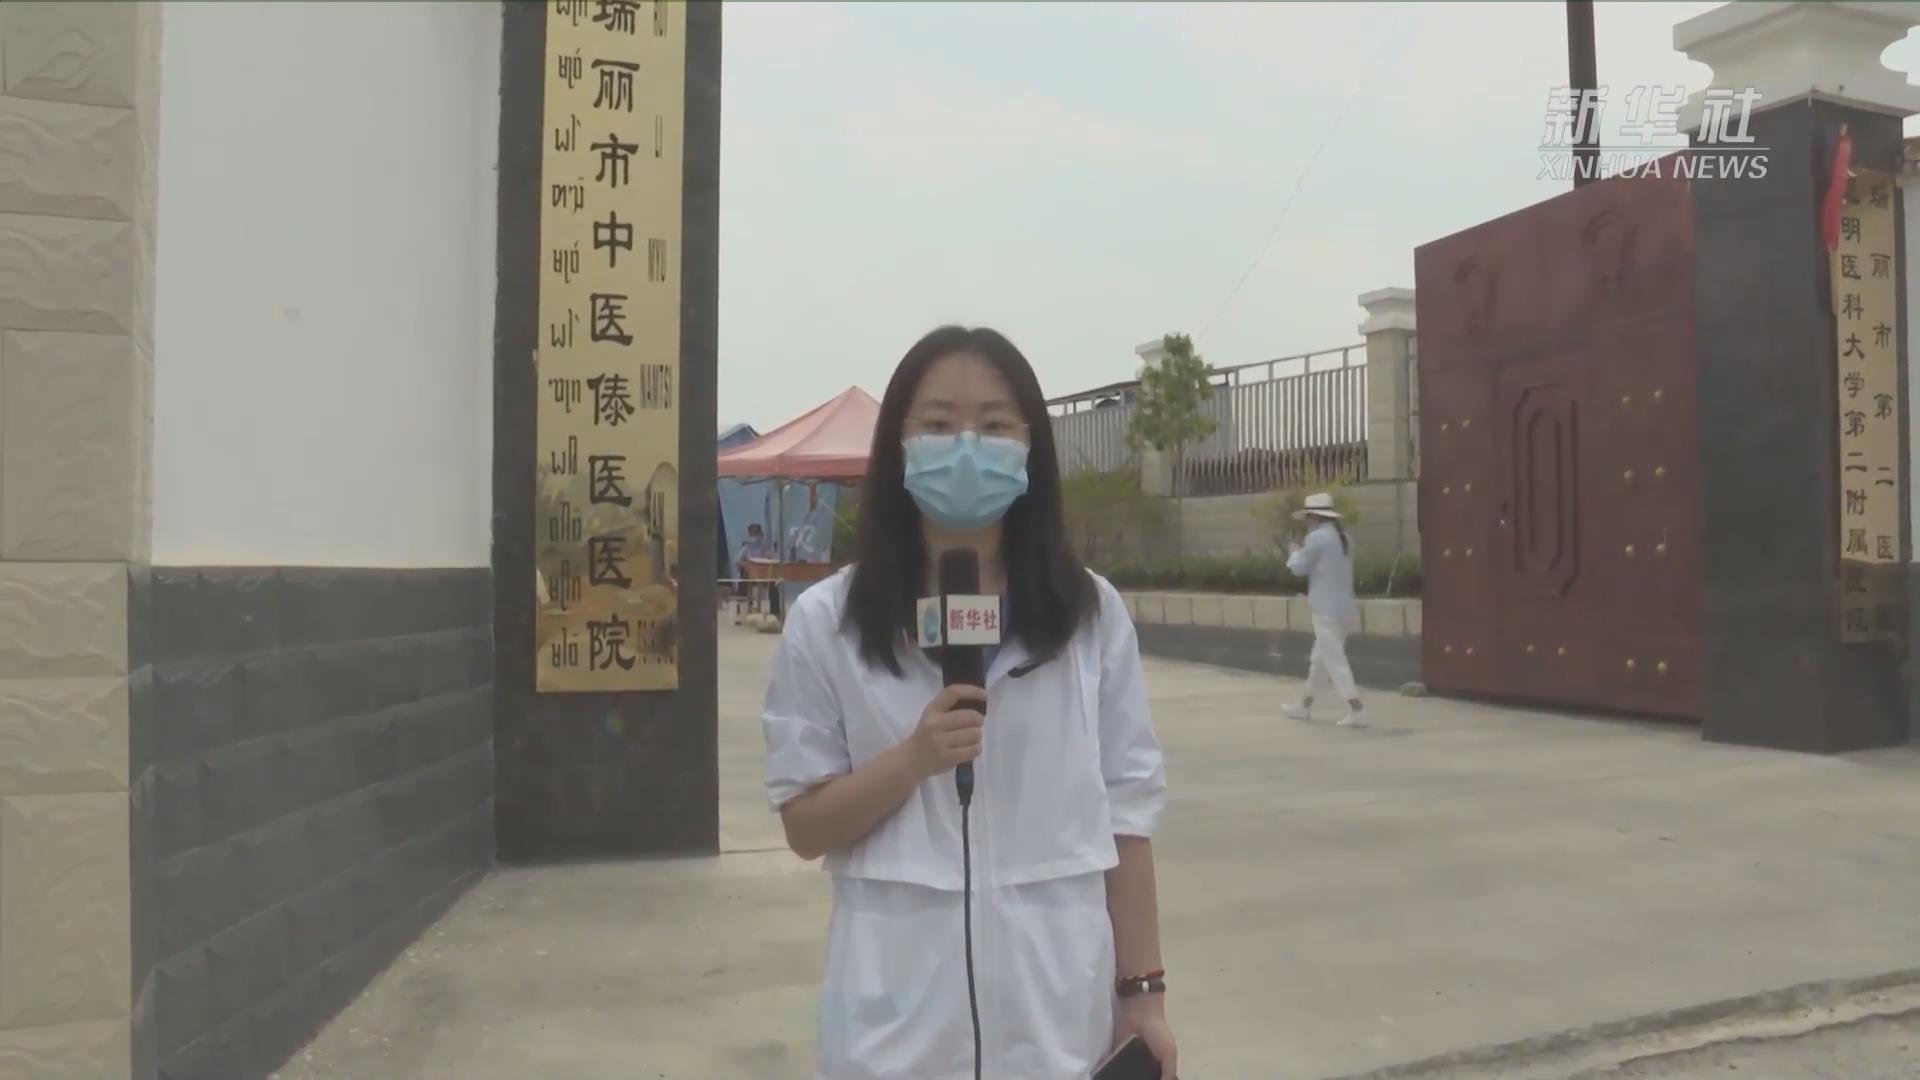 新華全媒+|視頻連線直擊瑞麗緬籍患者隔離病房